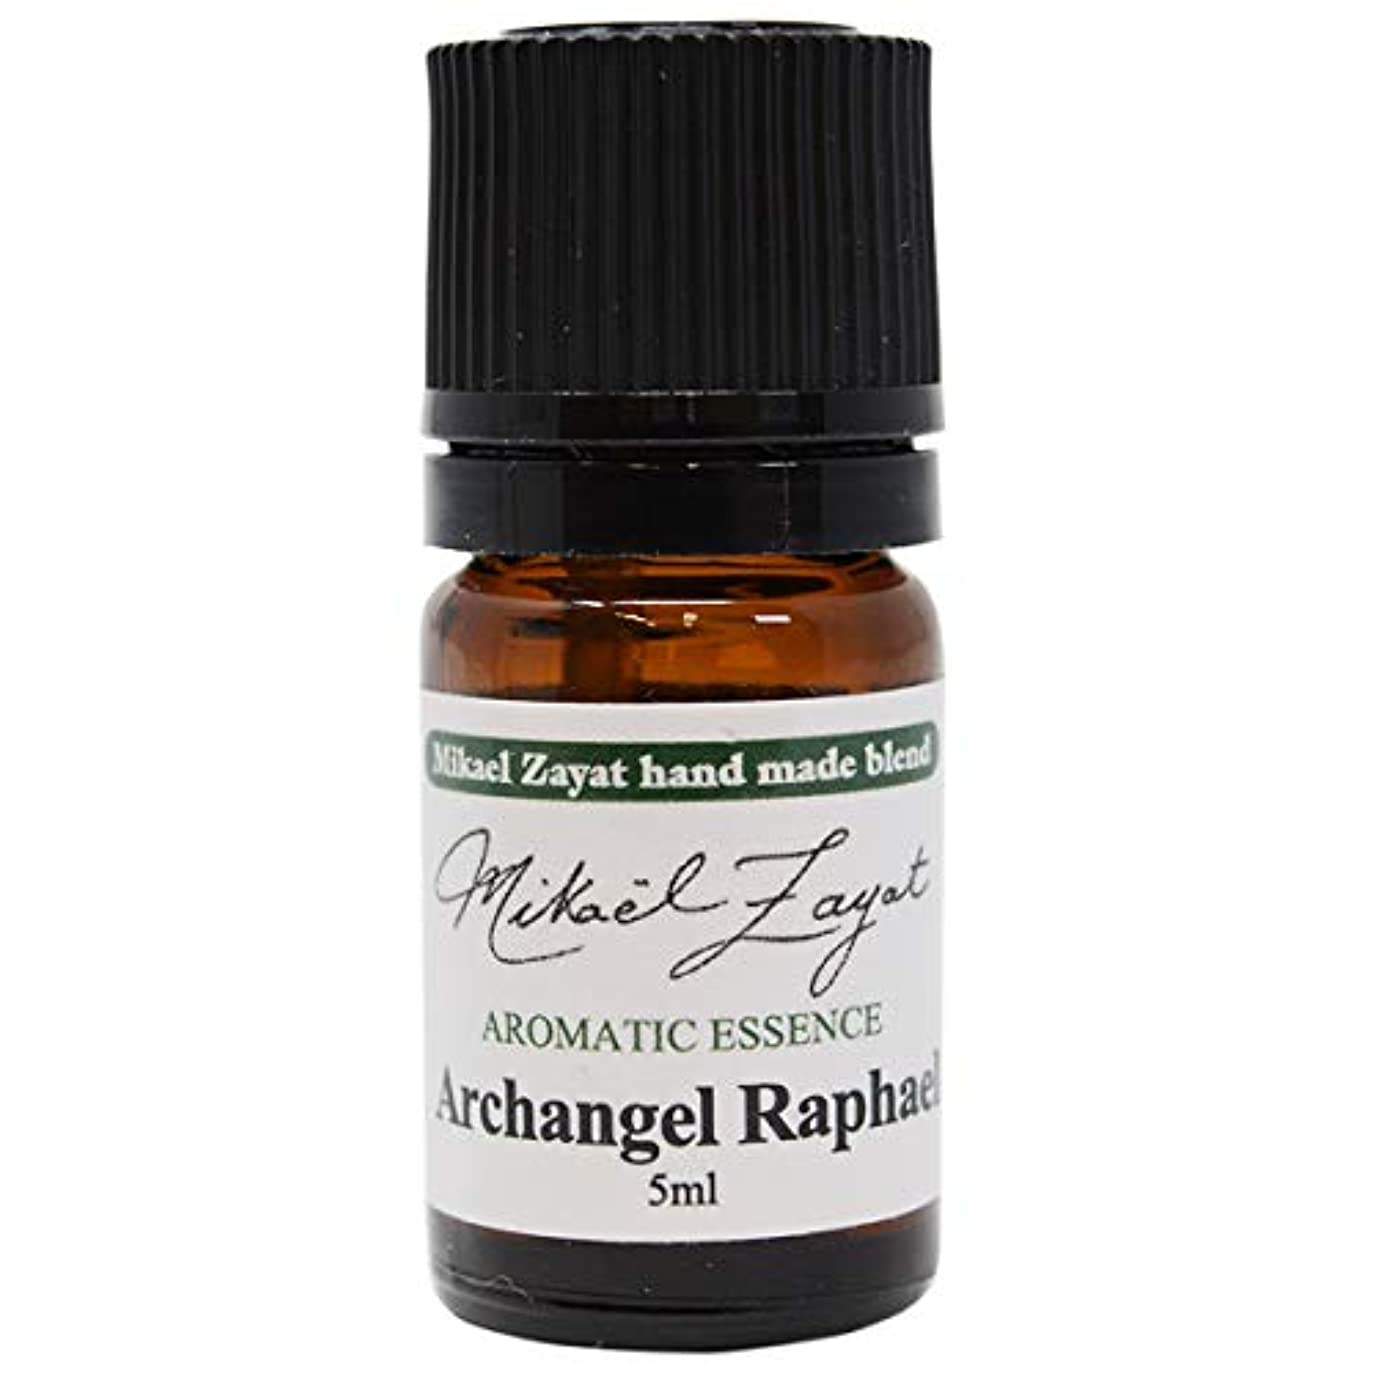 貝殻費用窓ミカエルザヤット 大天使ラファエル ArchAngel Raphael 5ml Mikael Zayat hand made blend